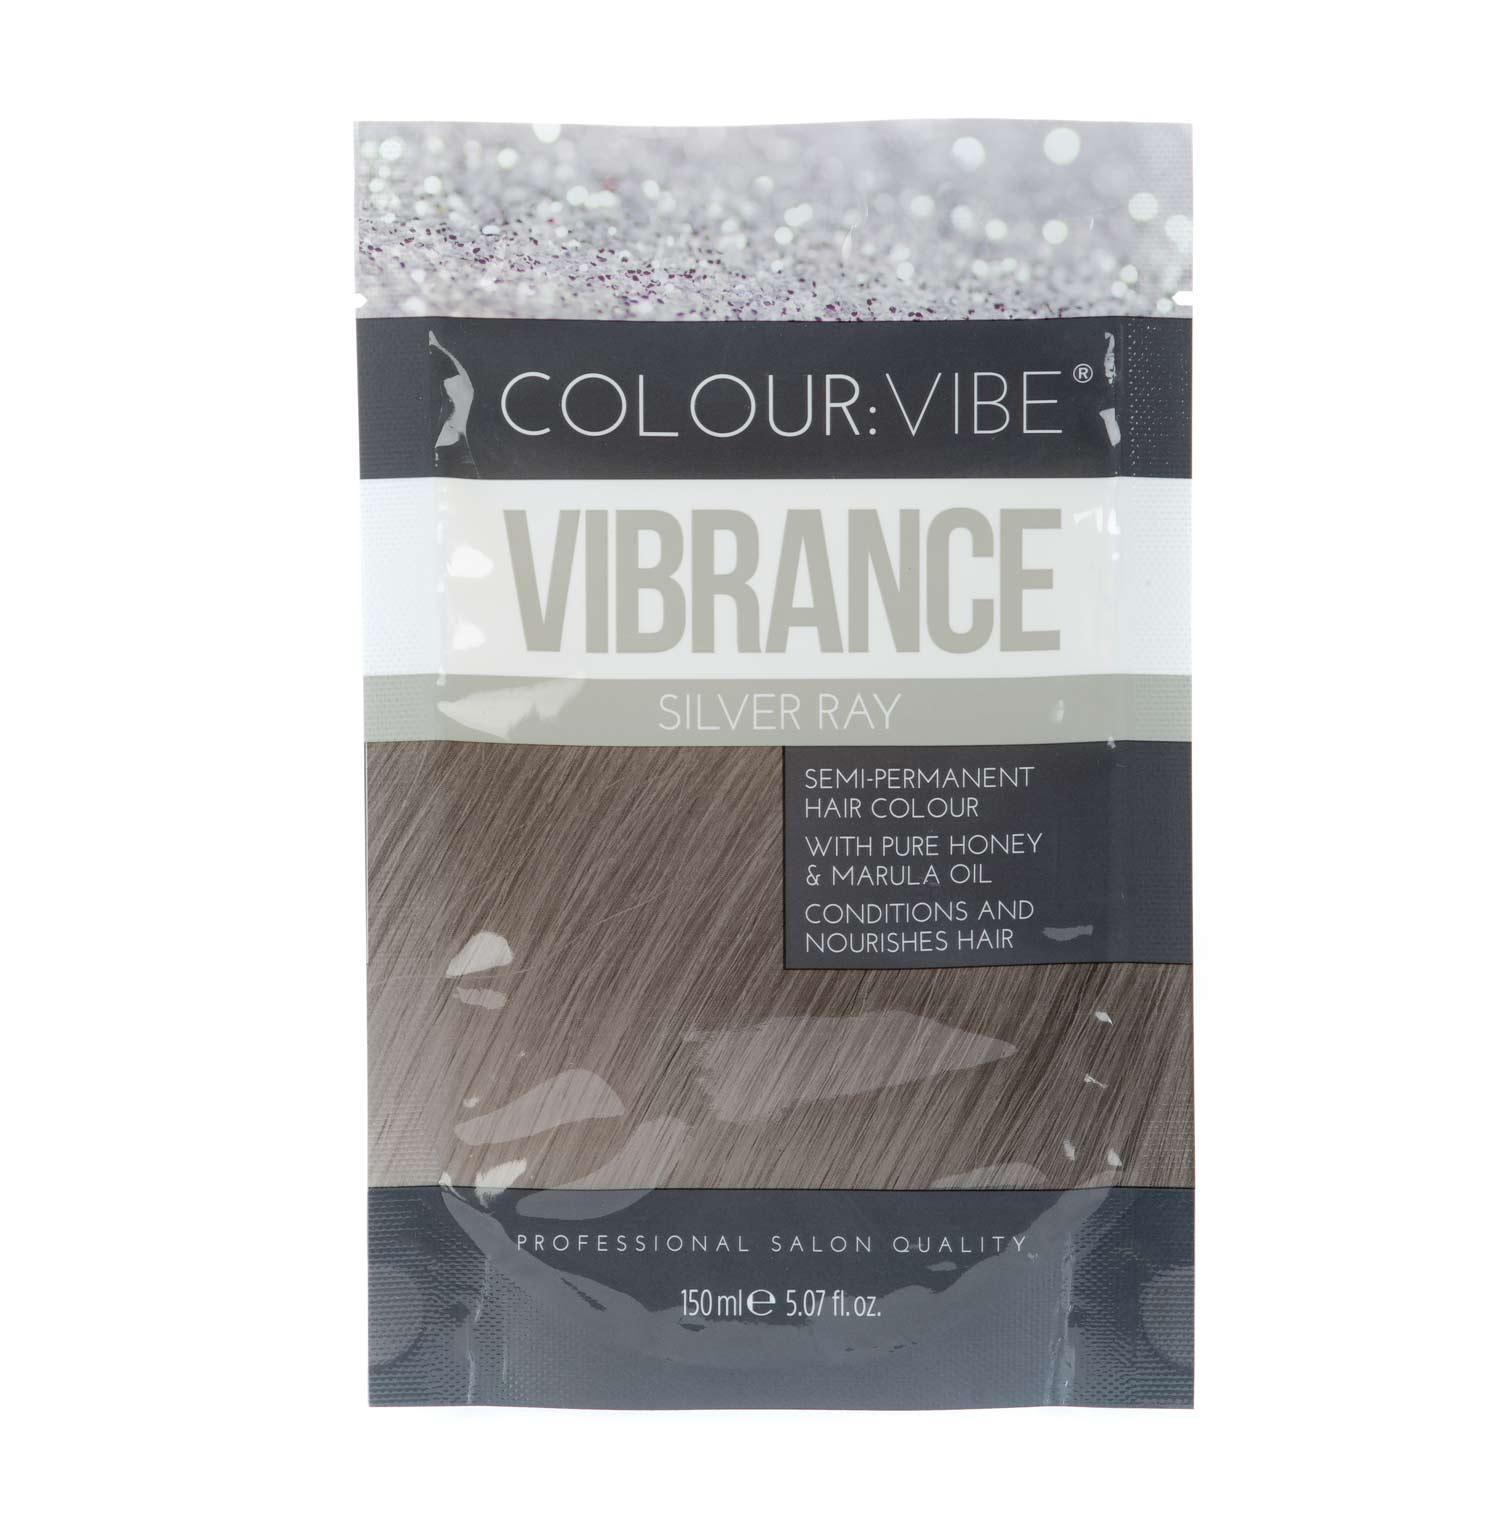 COLOUR VIBE Vibrance, £5.99